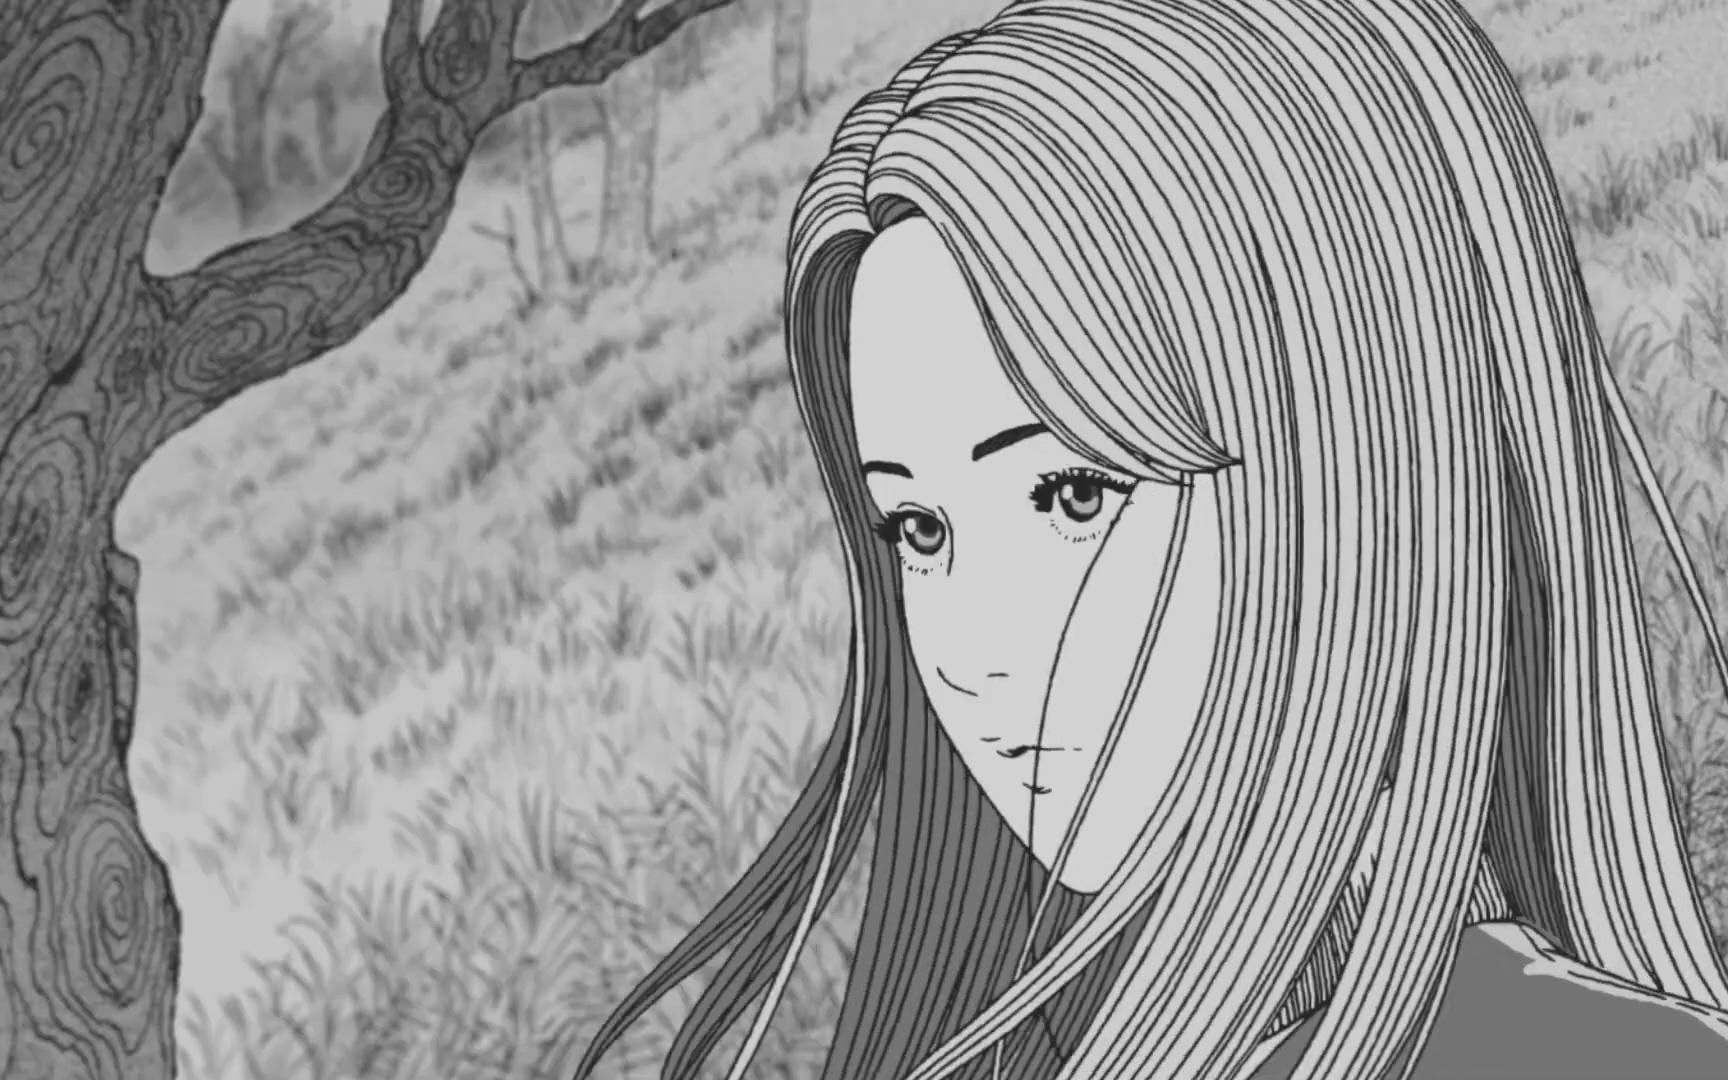 伊藤润二恐怖动画《漩涡》先导预告,2022年10月播出